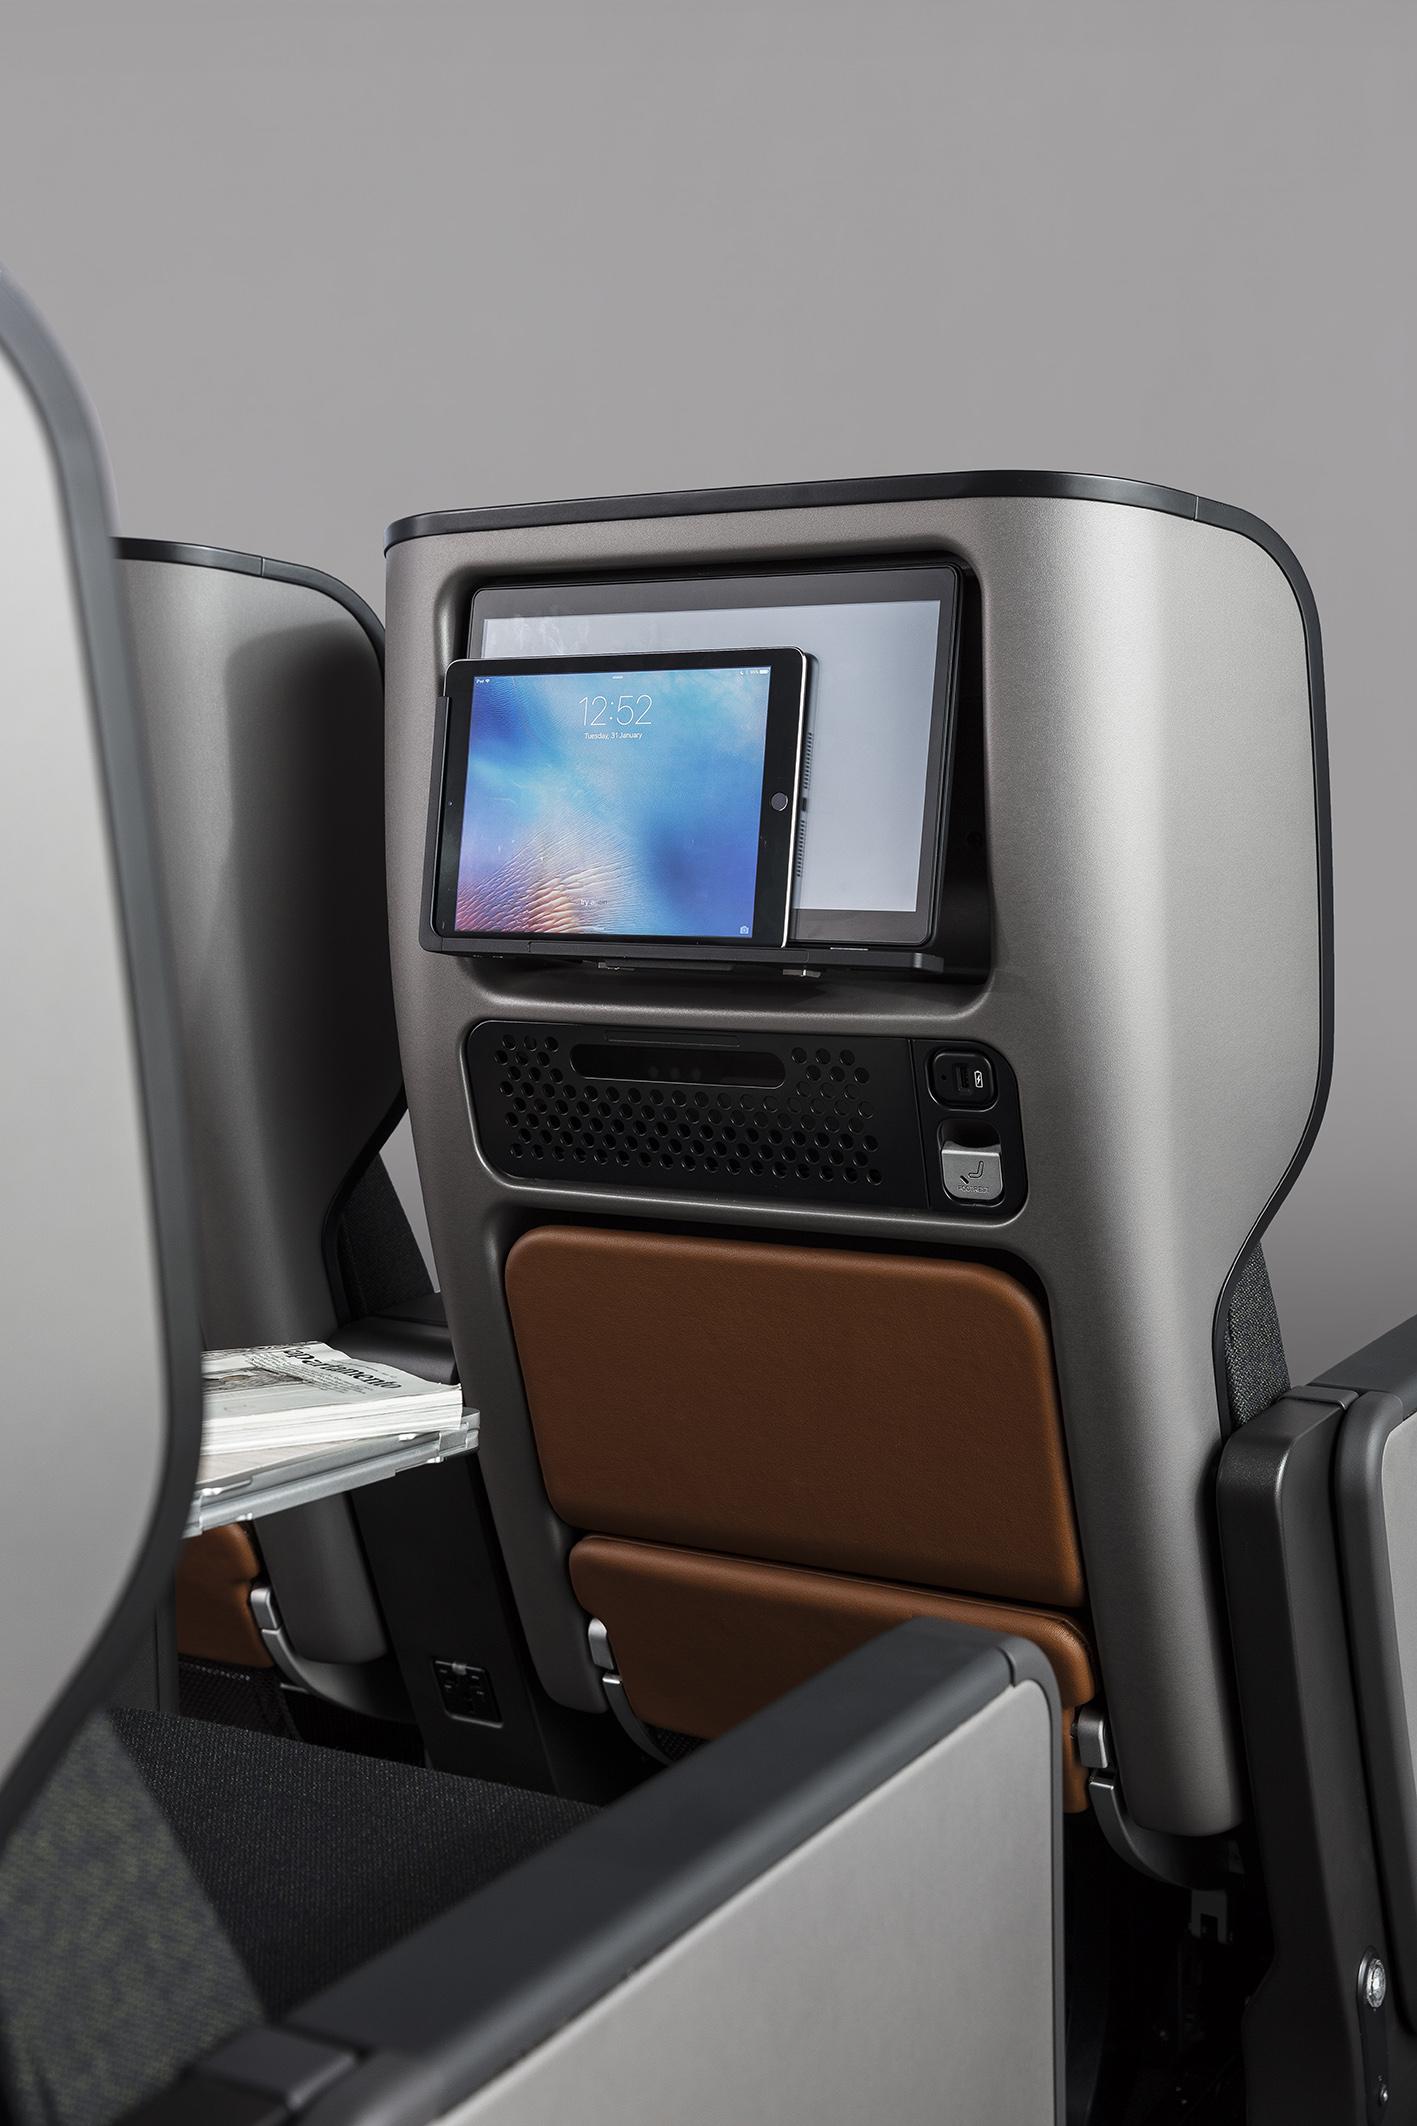 05 Caon_QF+Seats_0A8A7540_DE.jpg